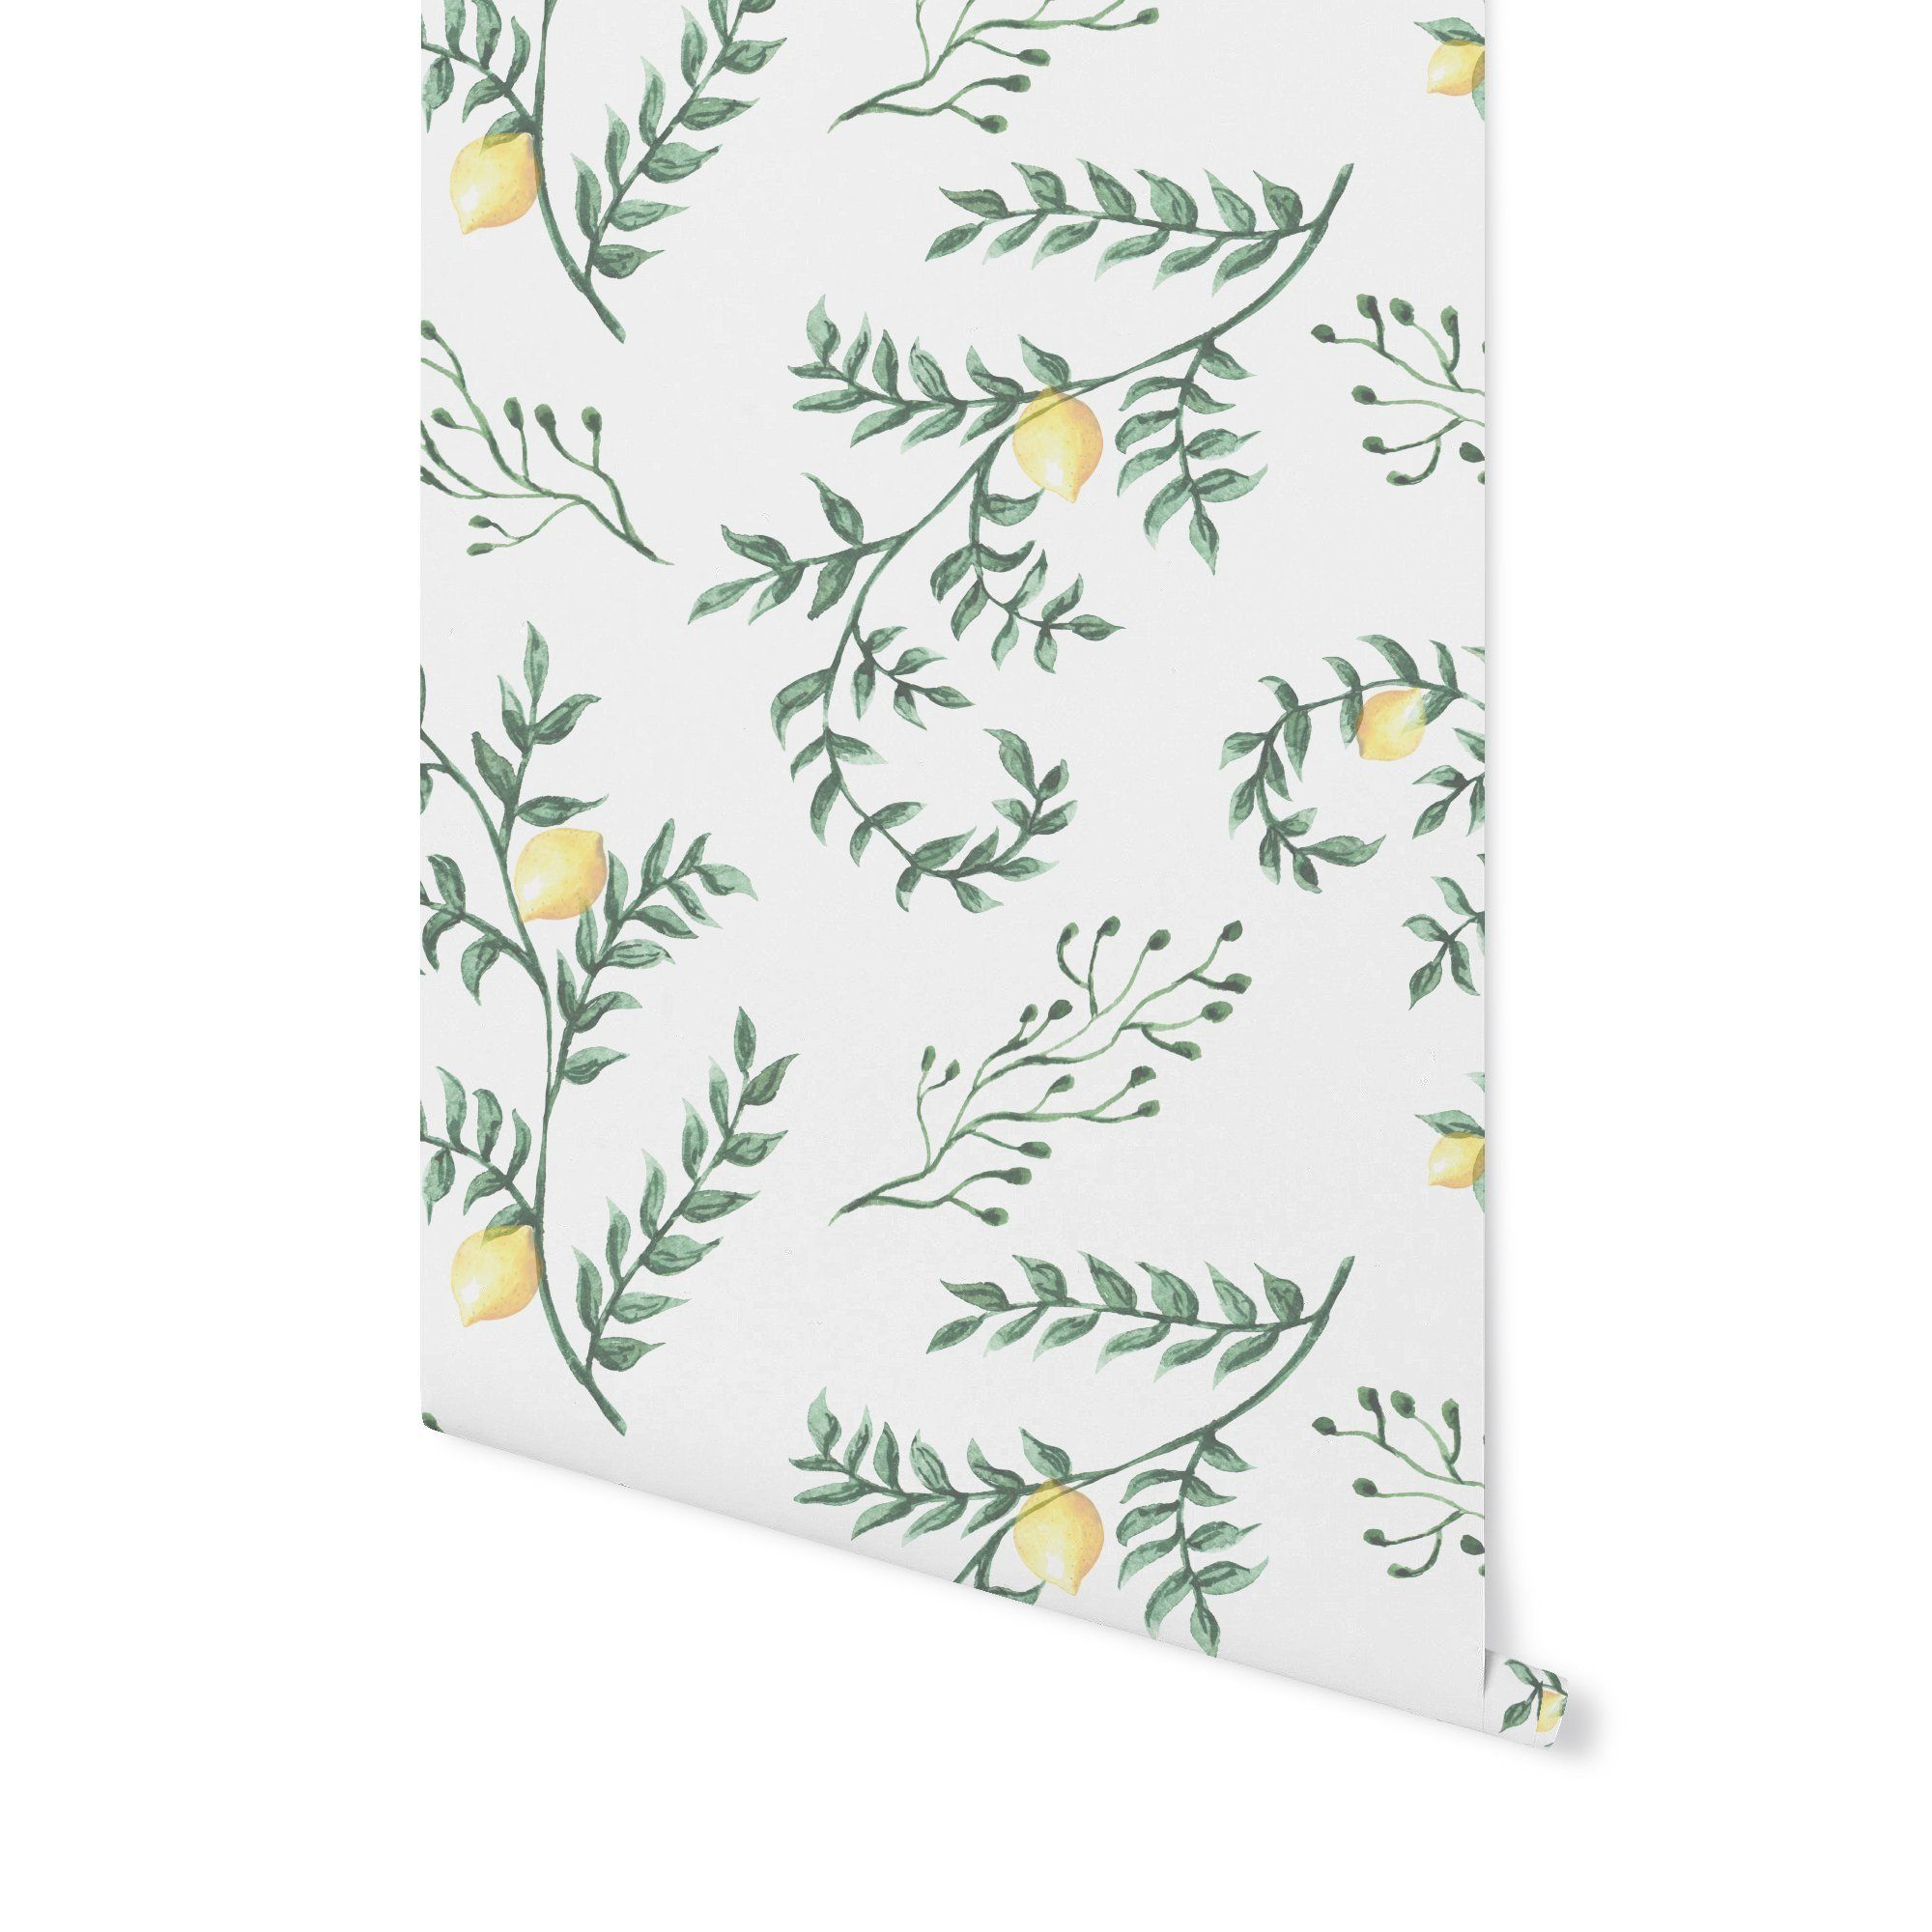 Lemon Verbena Lemon Verbena Peel And Stick Wallpaper Verbena